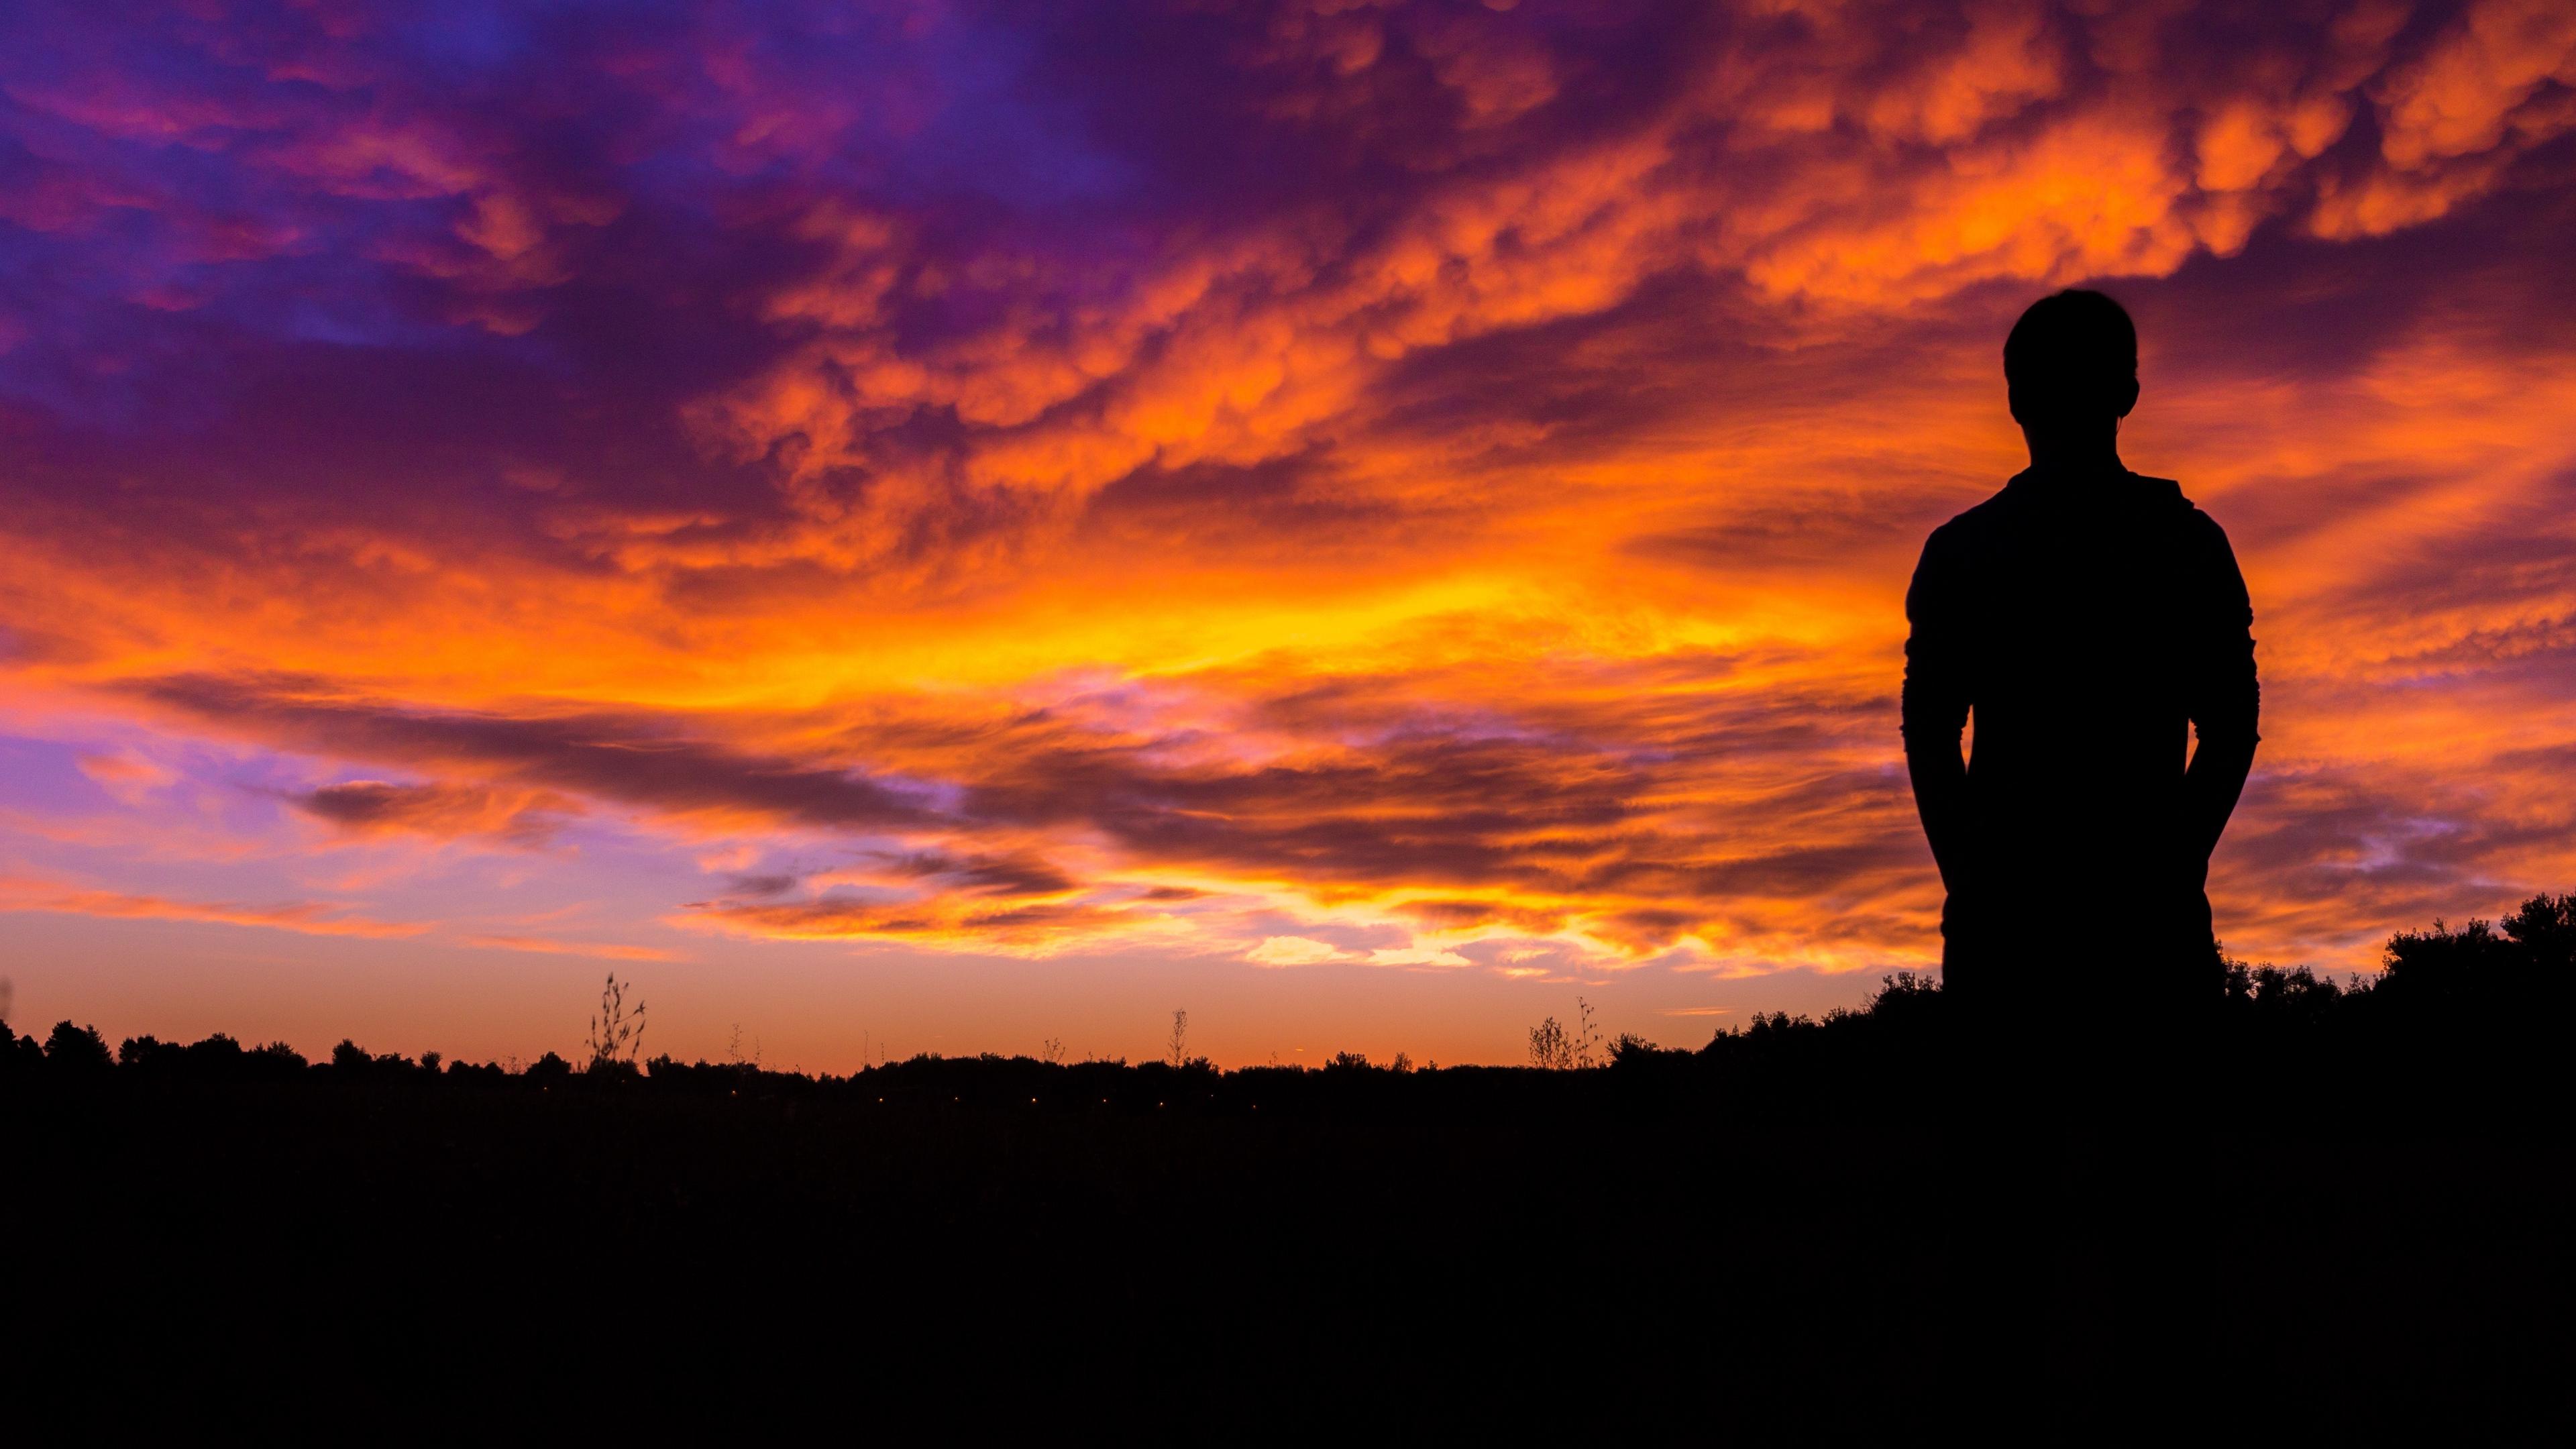 silhouette sunset sky night 4k 1540574981 - silhouette, sunset, sky, night 4k - sunset, Sky, Silhouette